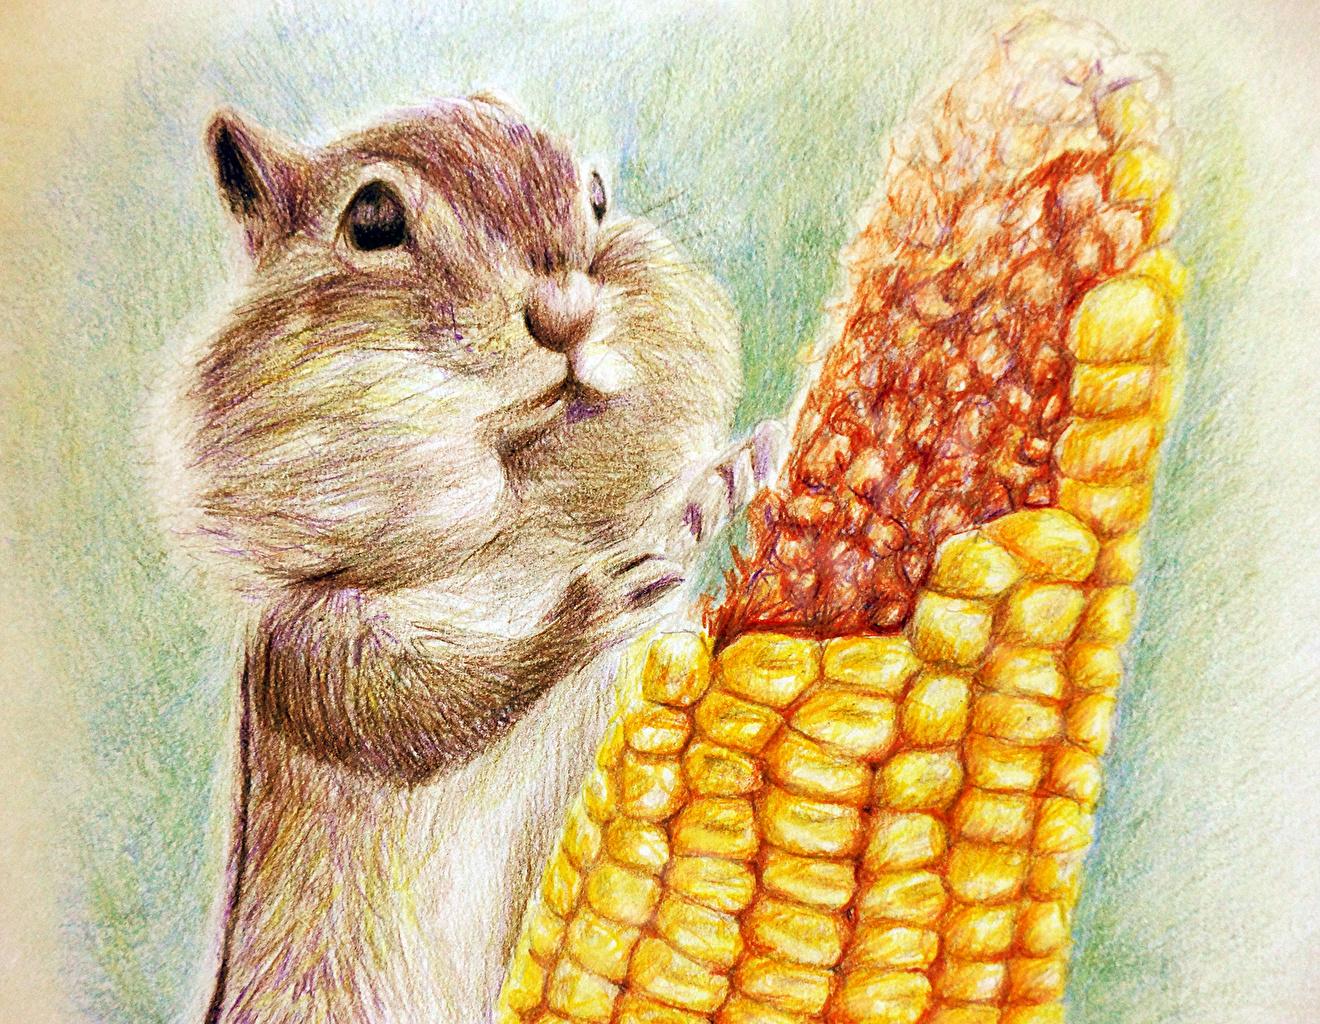 Фото Грызуны Бурундуки Кукуруза животное Рисованные Животные